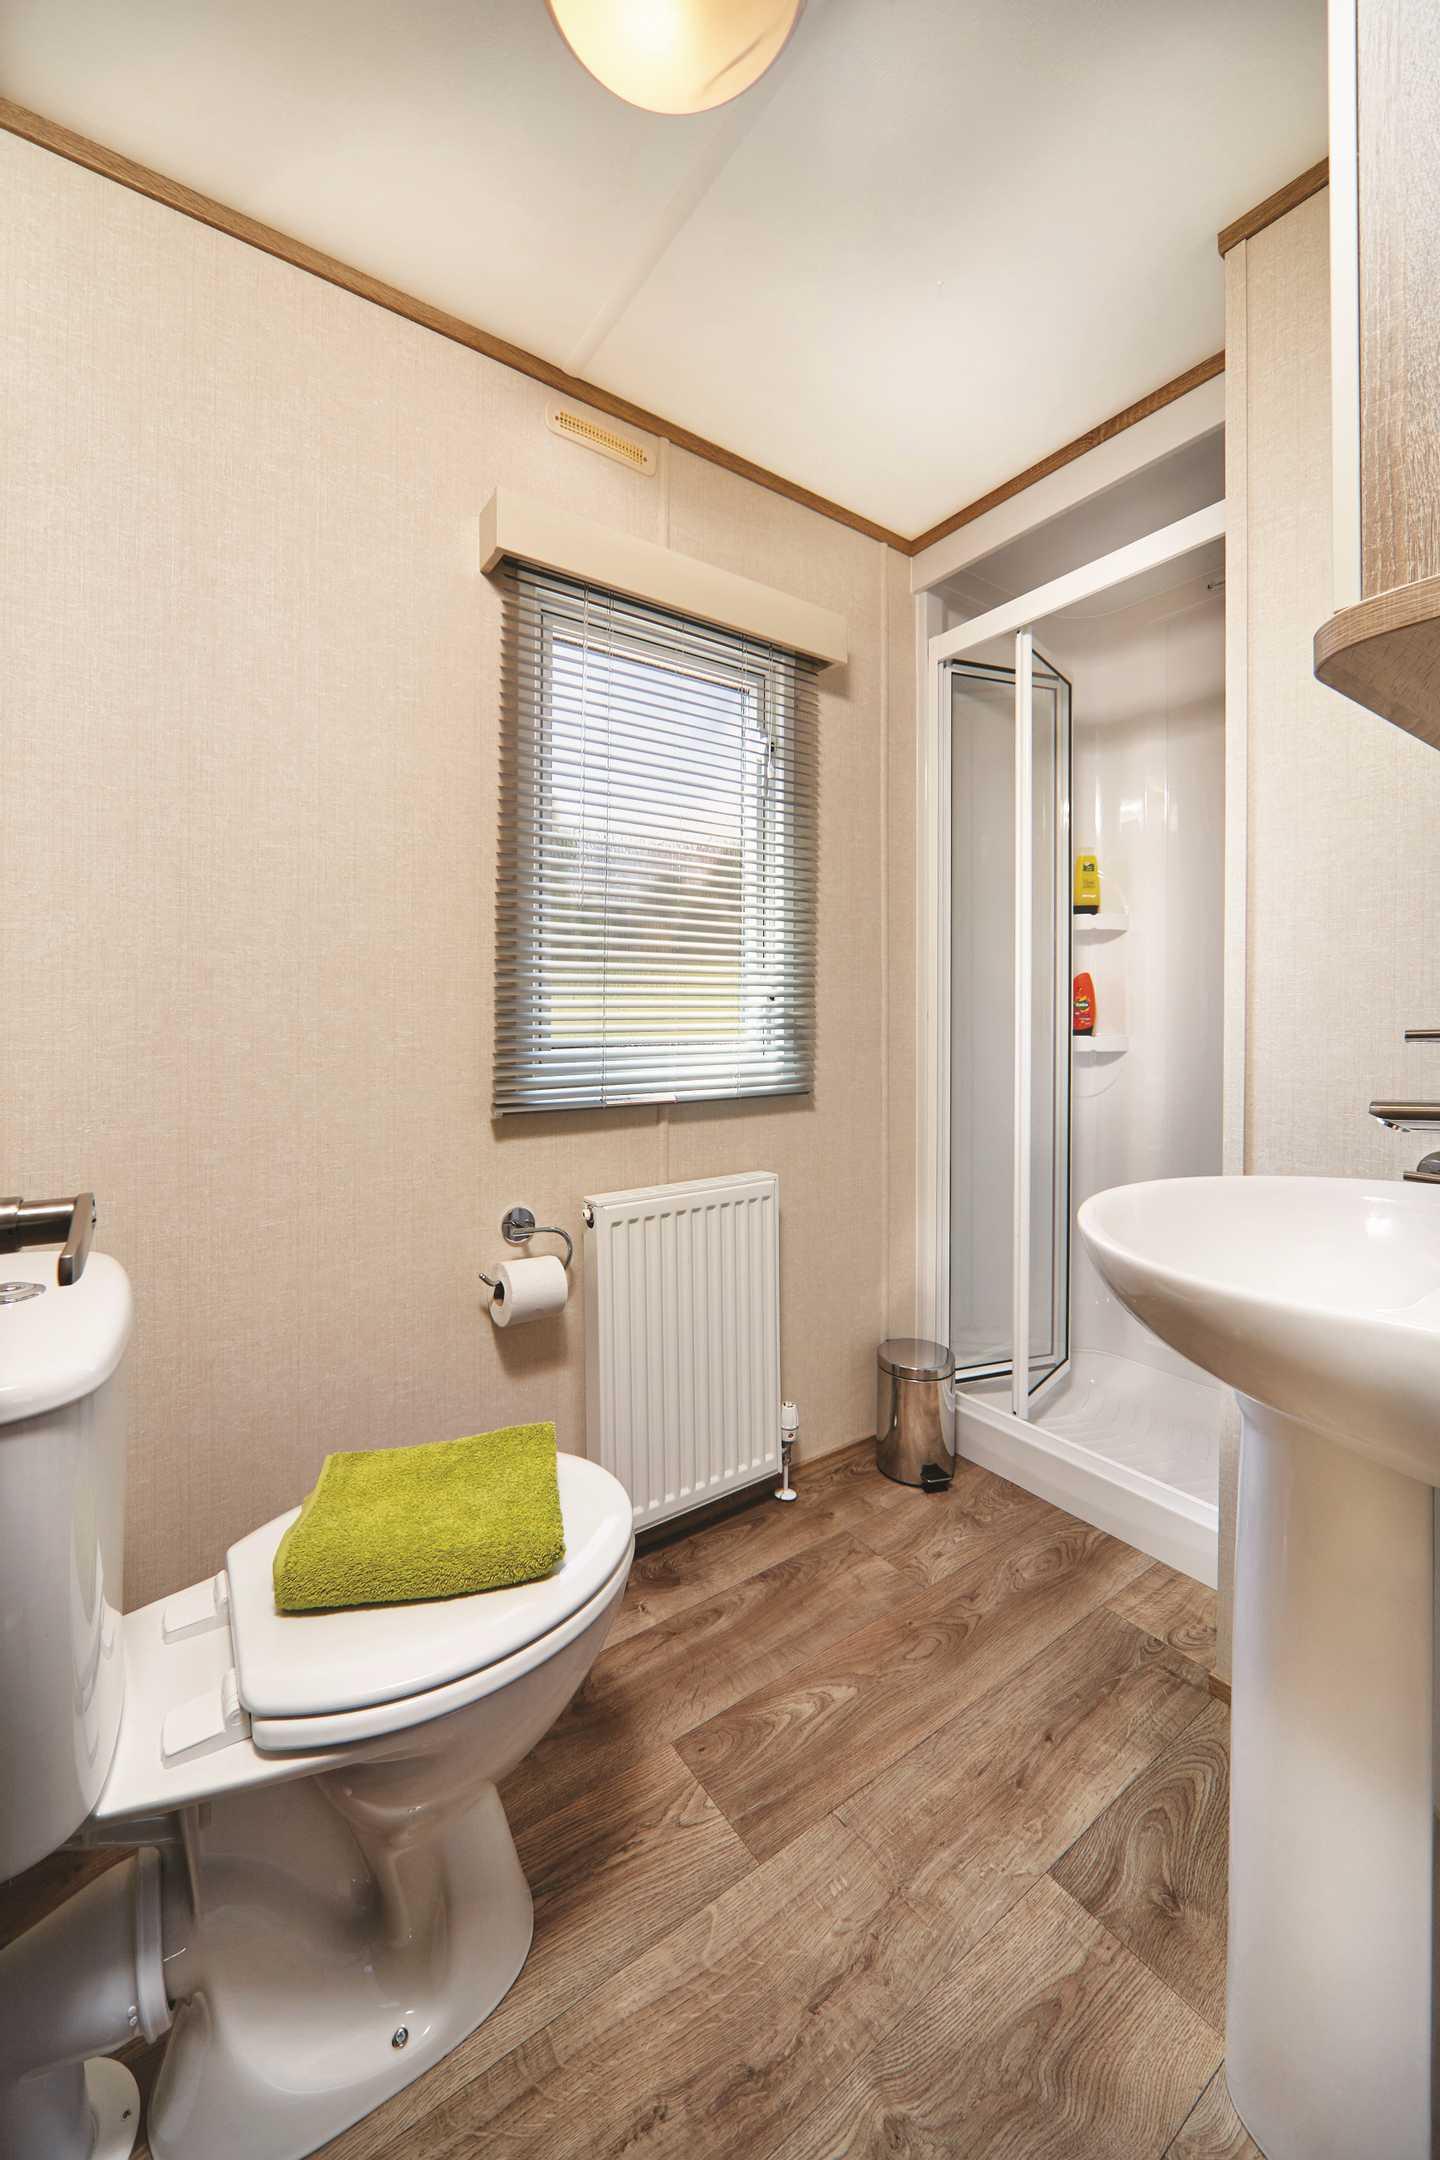 Carnaby Oakdale main bedroom with en-suite shower room